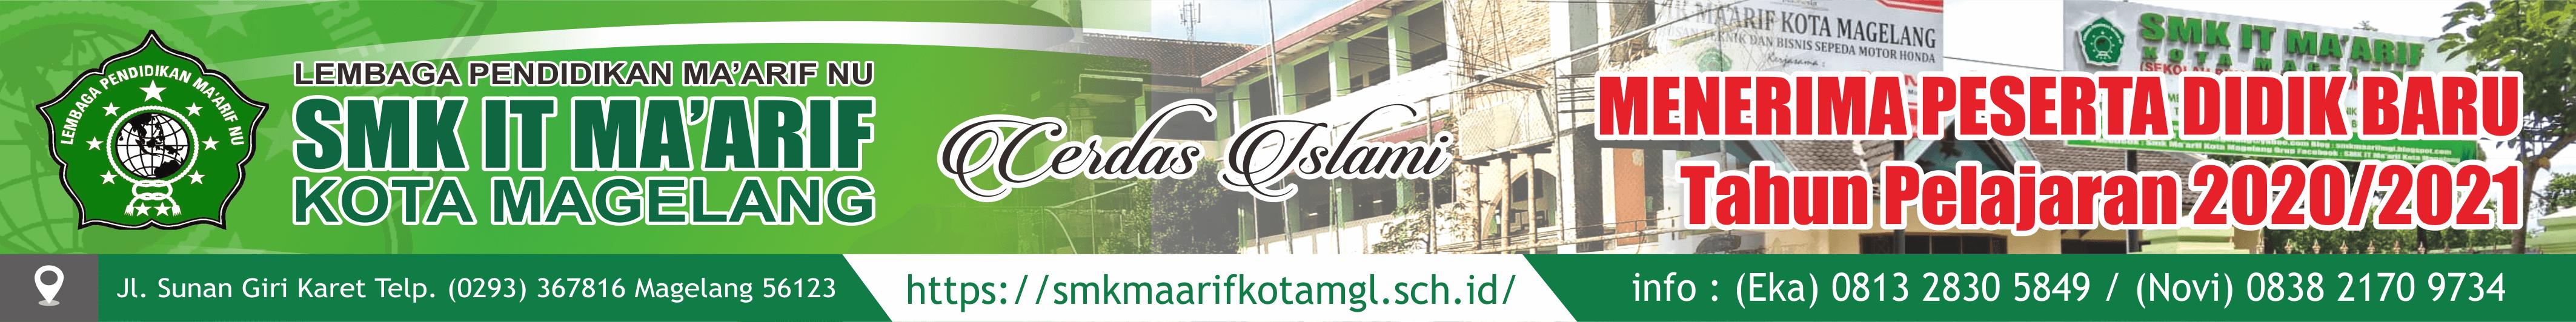 Ads SMK IT Maarif